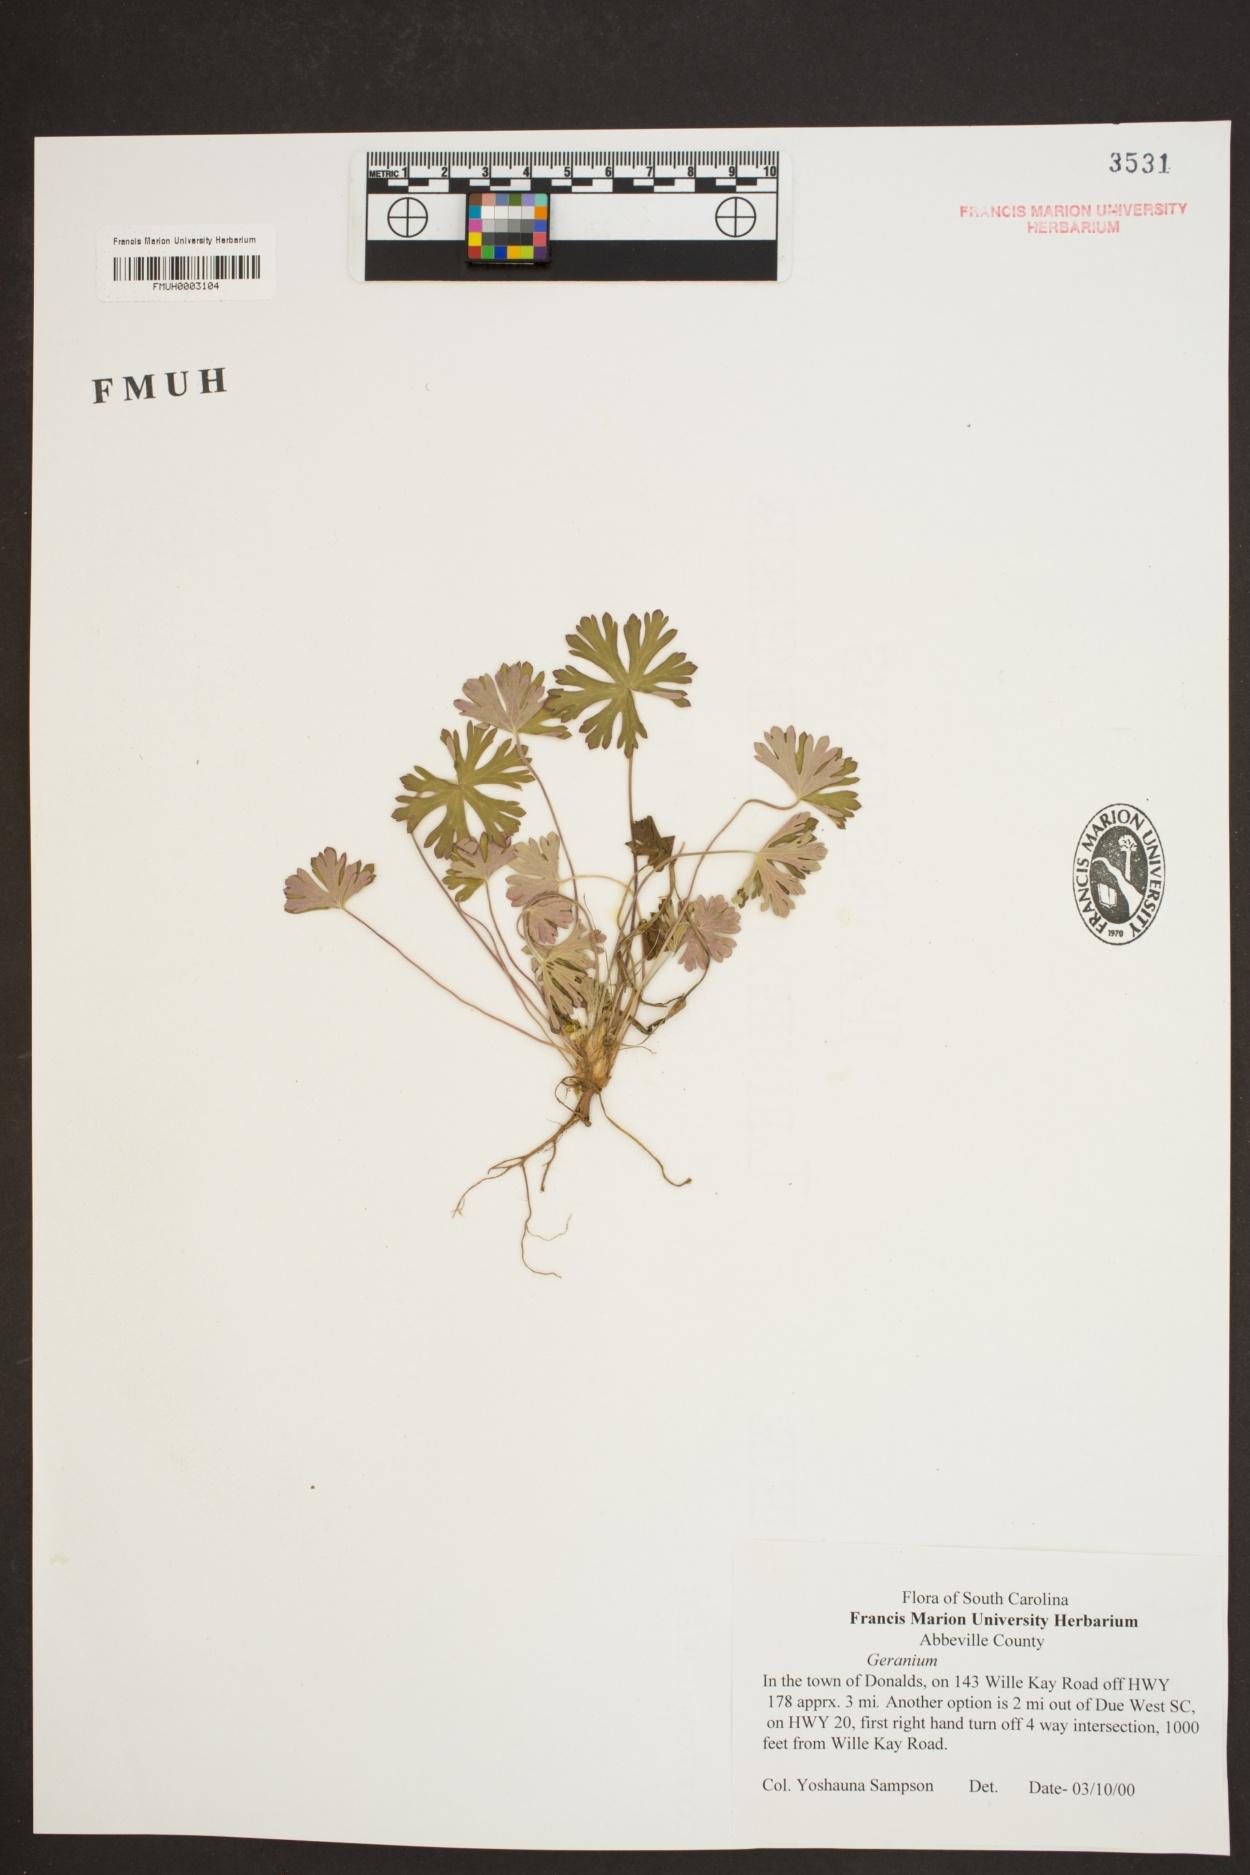 Geranium image